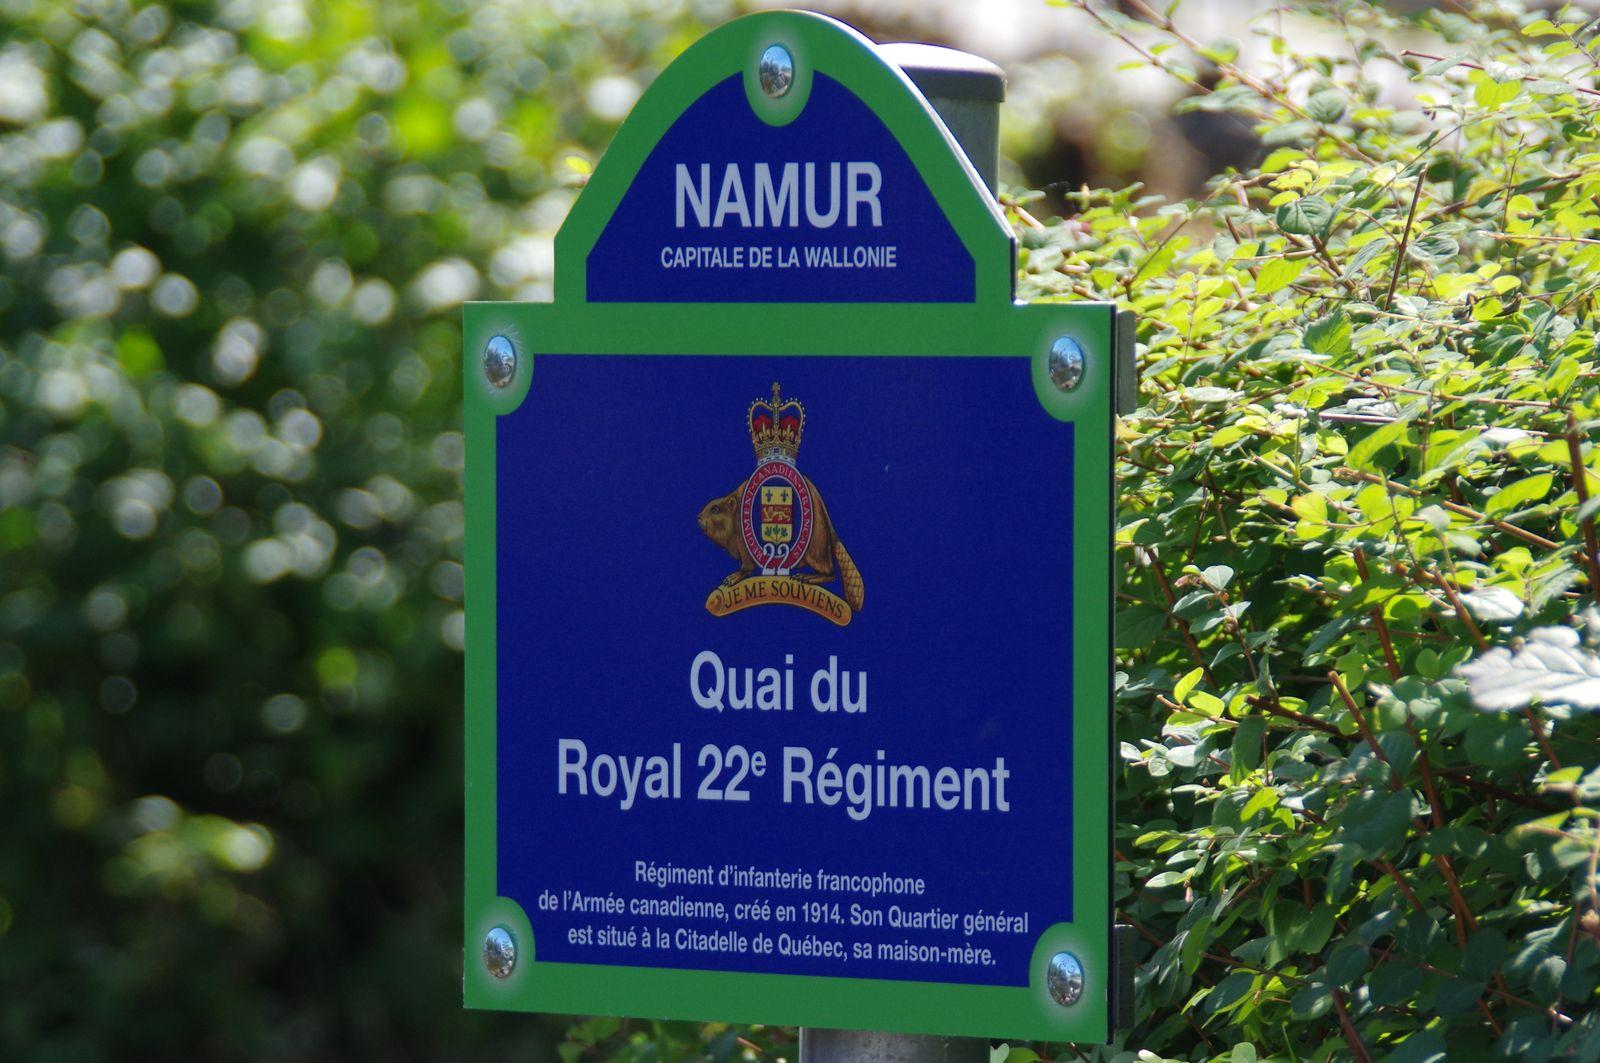 Québec - Quai du R22R à Namur